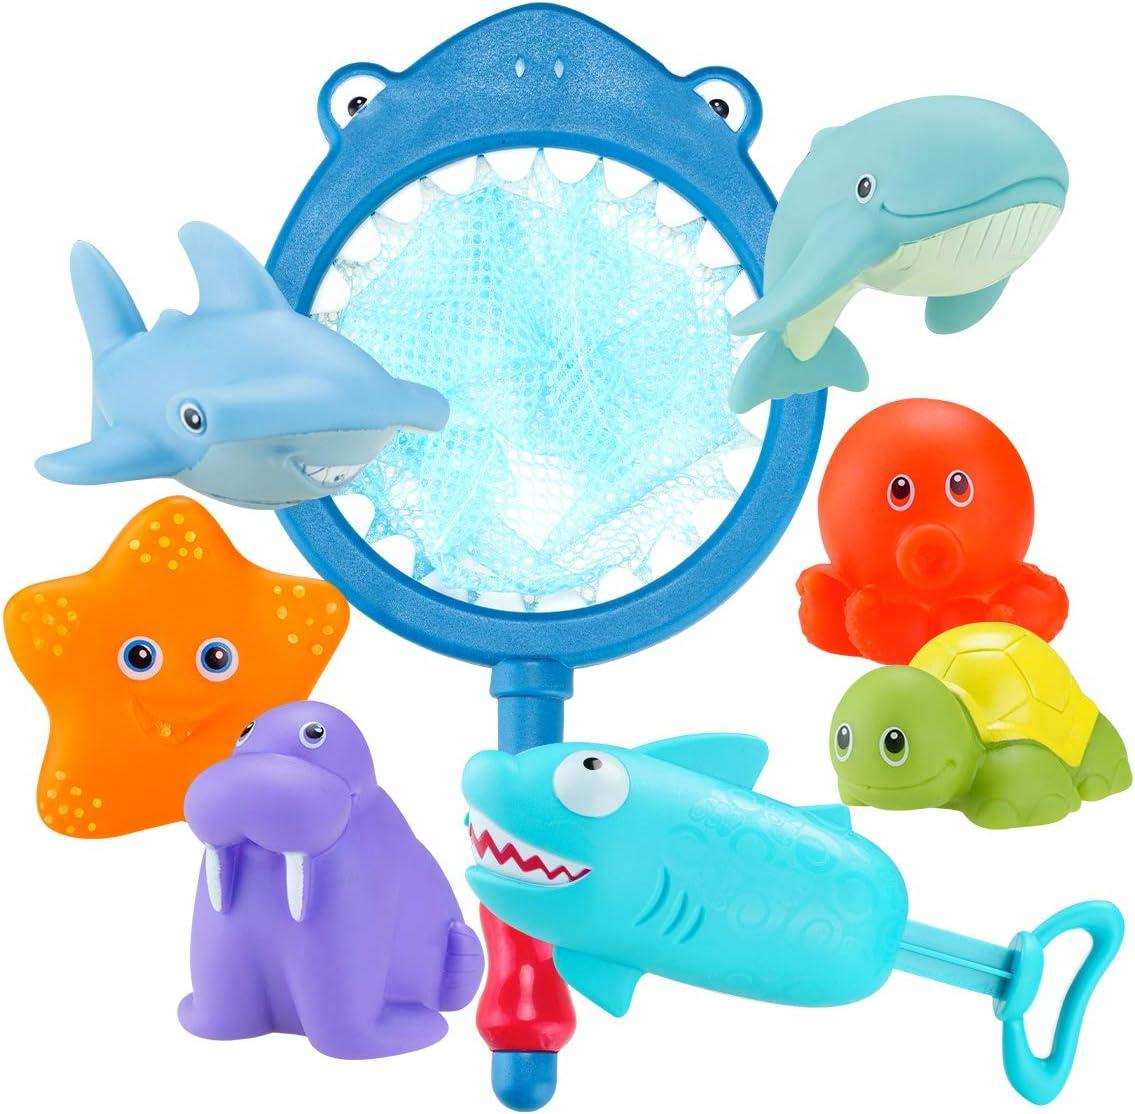 Rete,Stelle Marine,foca,Delfino,Tartaruga,Polpo,squalo,Pistola di squalo Locisne 8pcs Giocattoli da Bagno per Bambini Animali oceanici,galleggianti spruzzo Bagno Sicuro Gioco Regalo Giocattolo